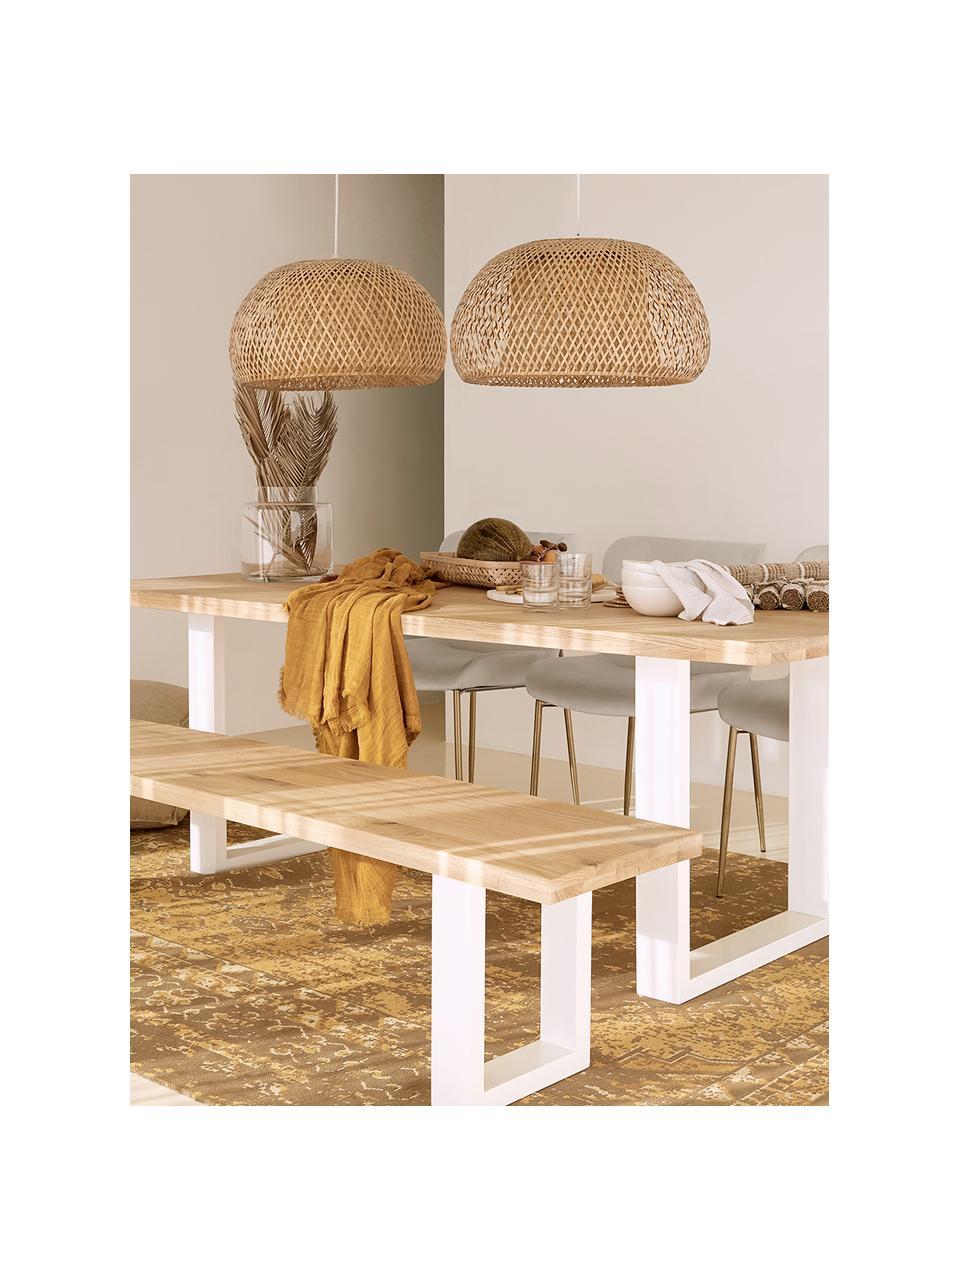 Lampada a sospensione di design in bambù Eden, Paralume: bambù, Baldacchino: metallo, Bambù, Ø 45 x Alt. 21 cm